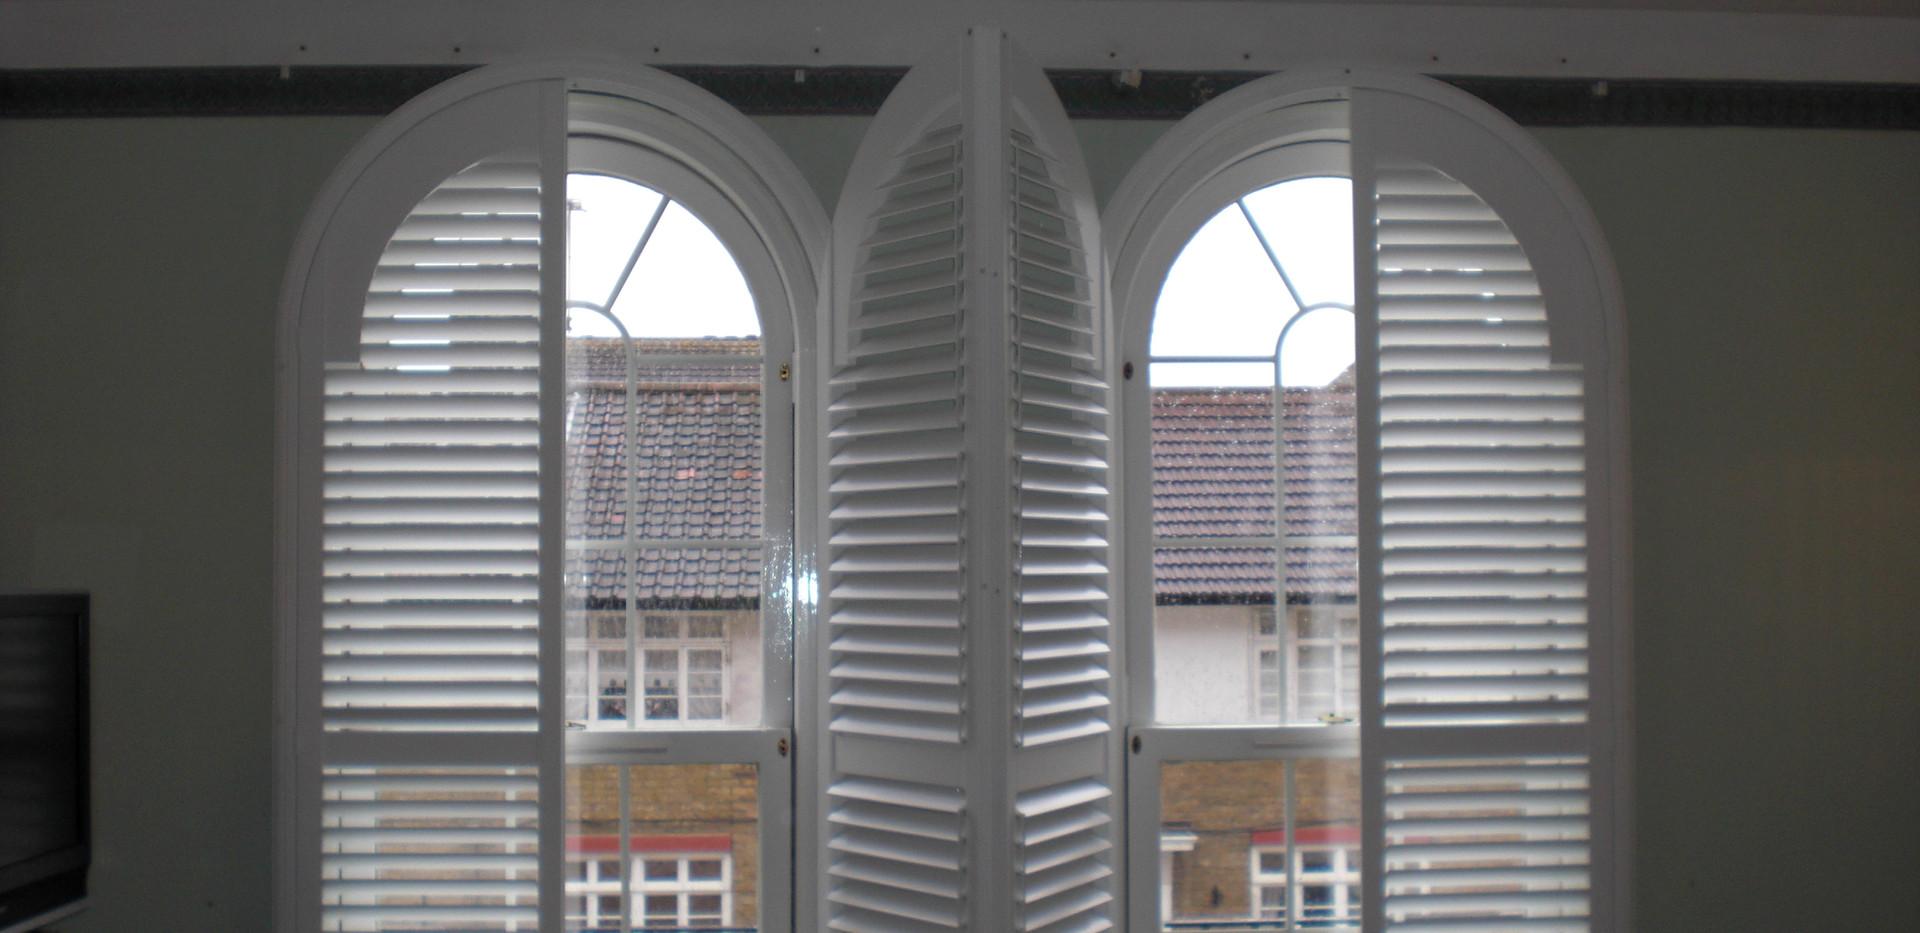 curtains 224.jpg